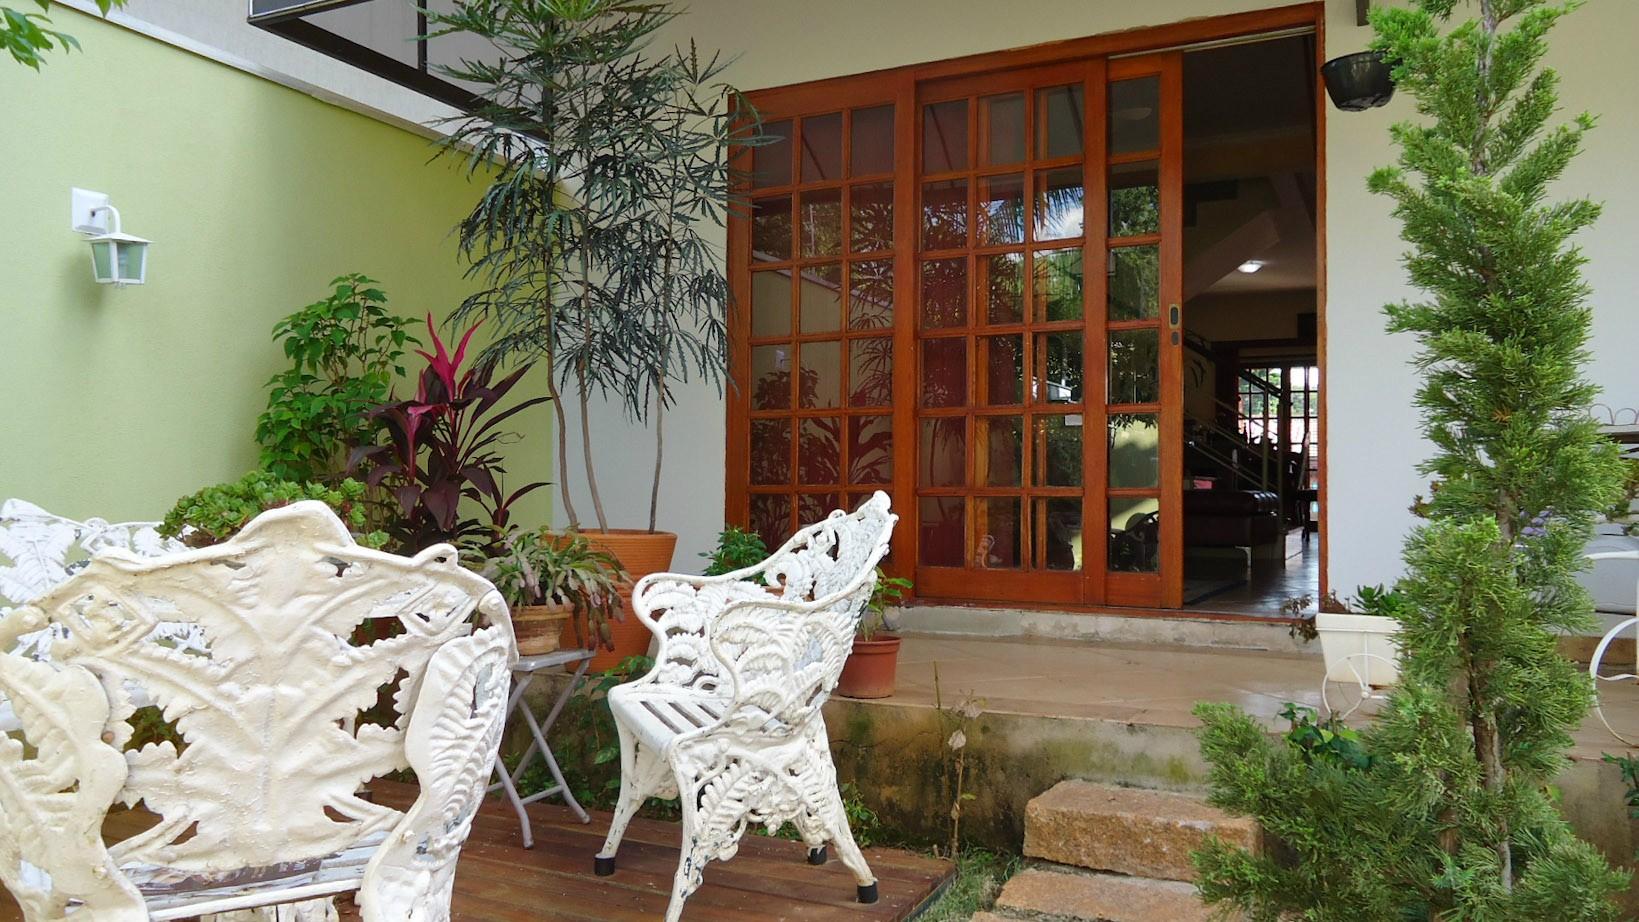 Sobrado de 3 dormitórios à venda em Paineiras, Campinas - SP